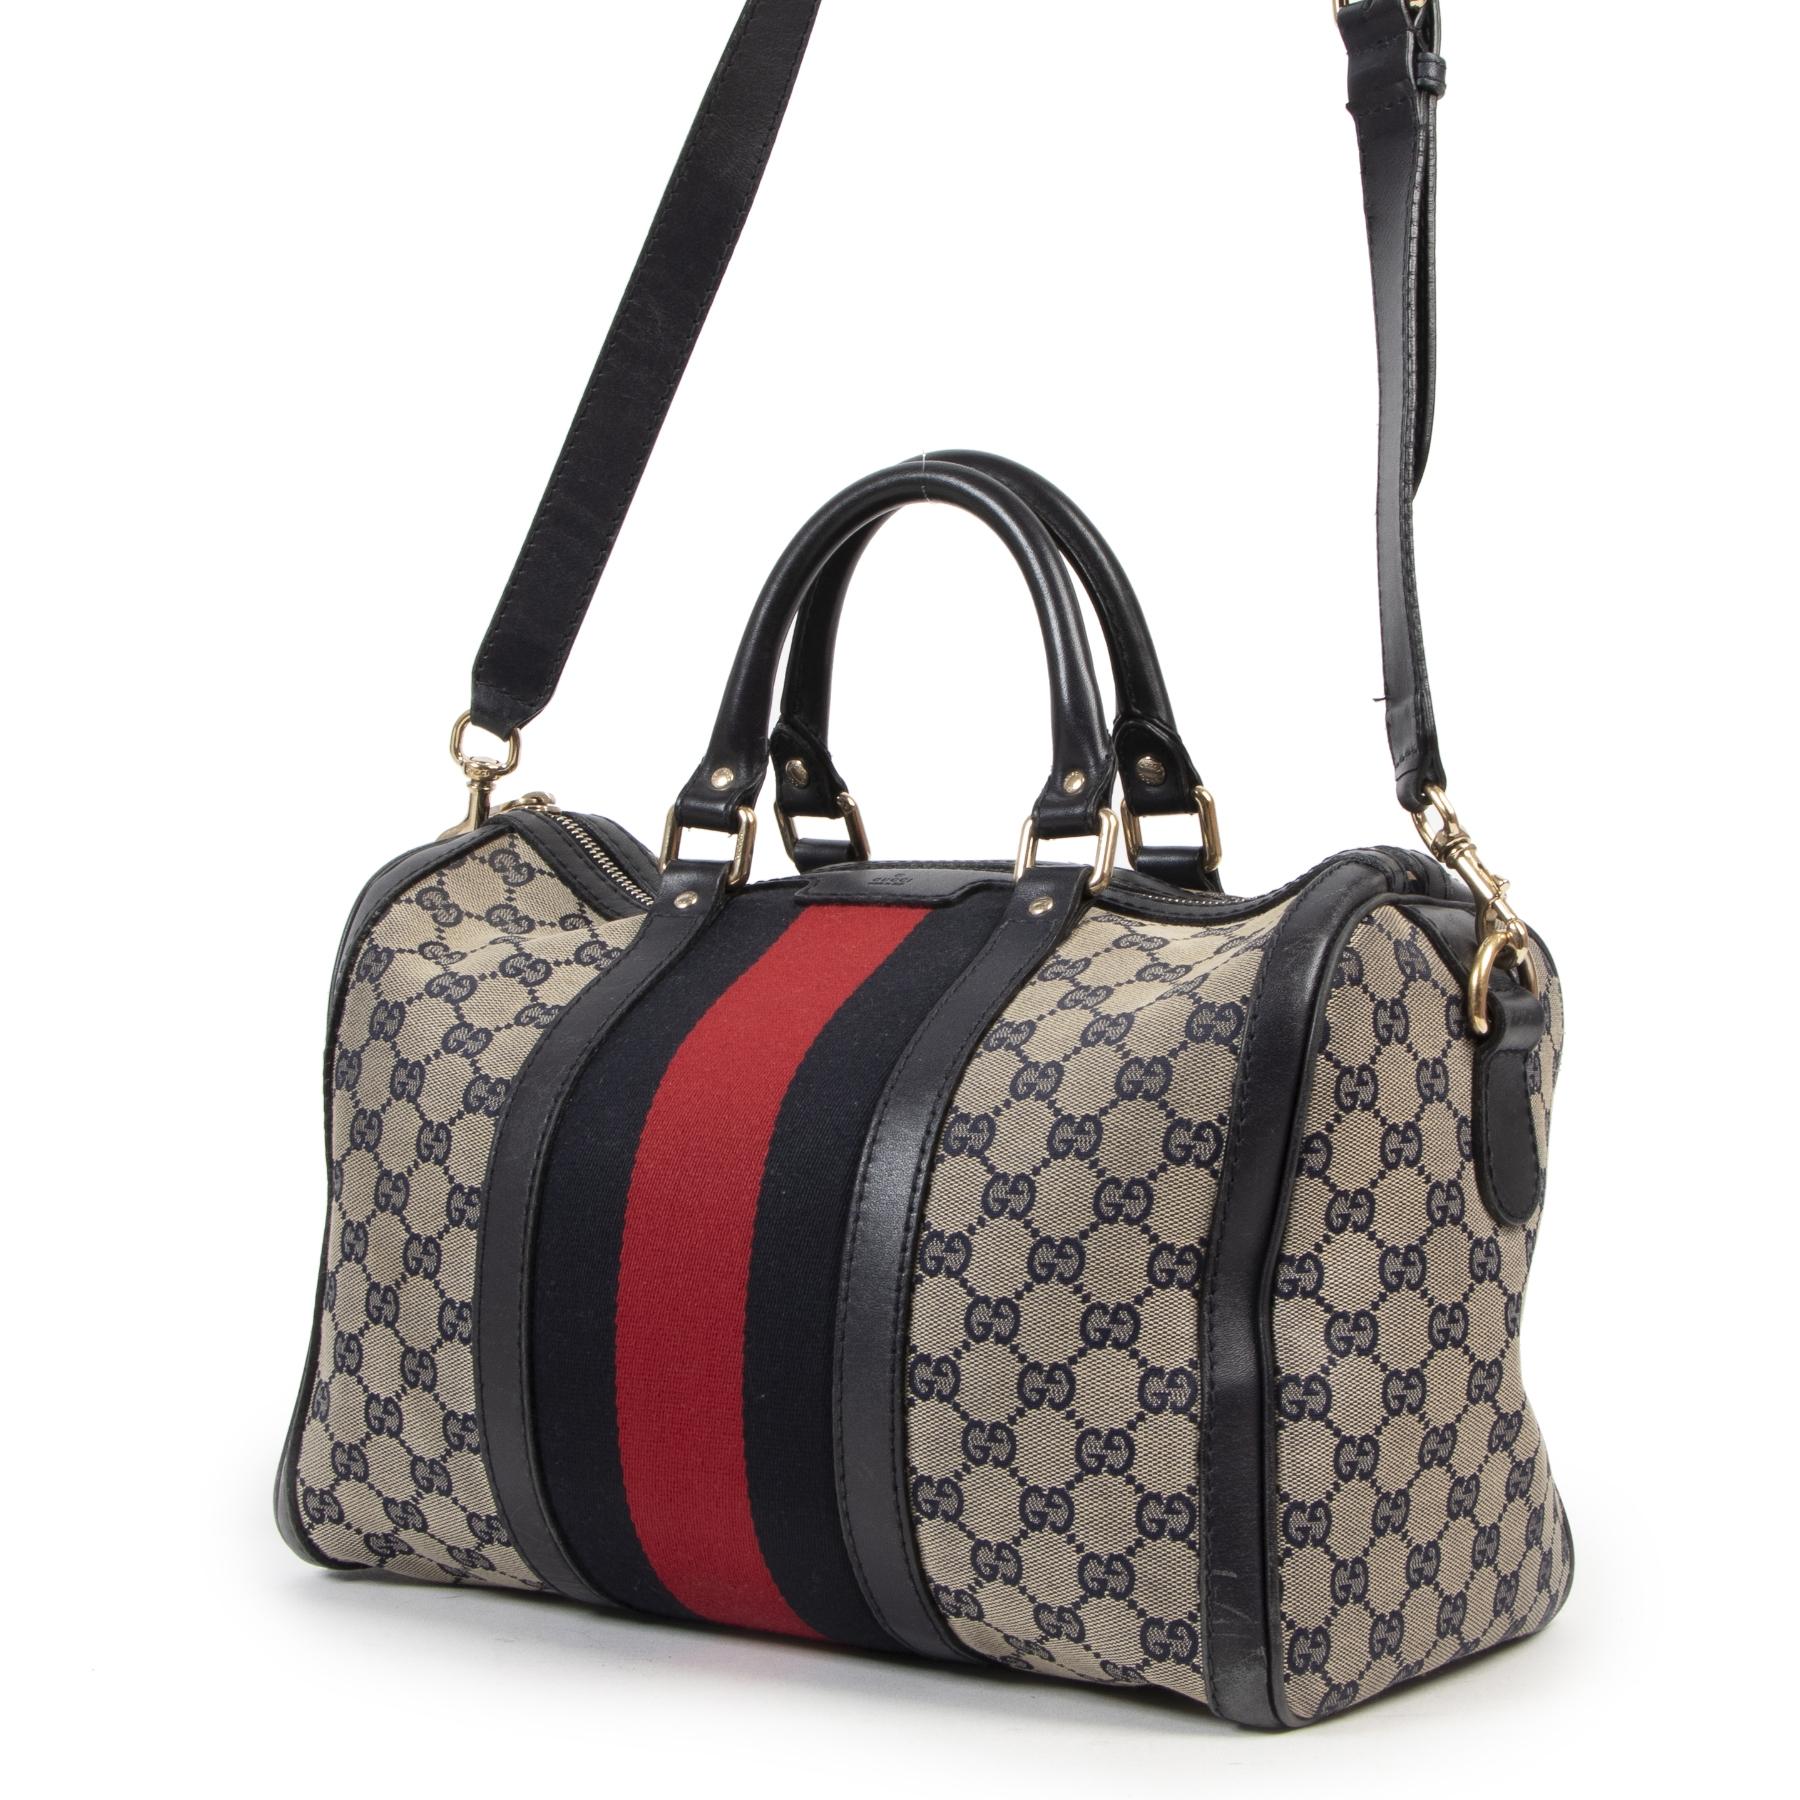 Gucci Vintage Web Original GG Blue Boston Bag kopen en verkopen aan de beste prijs